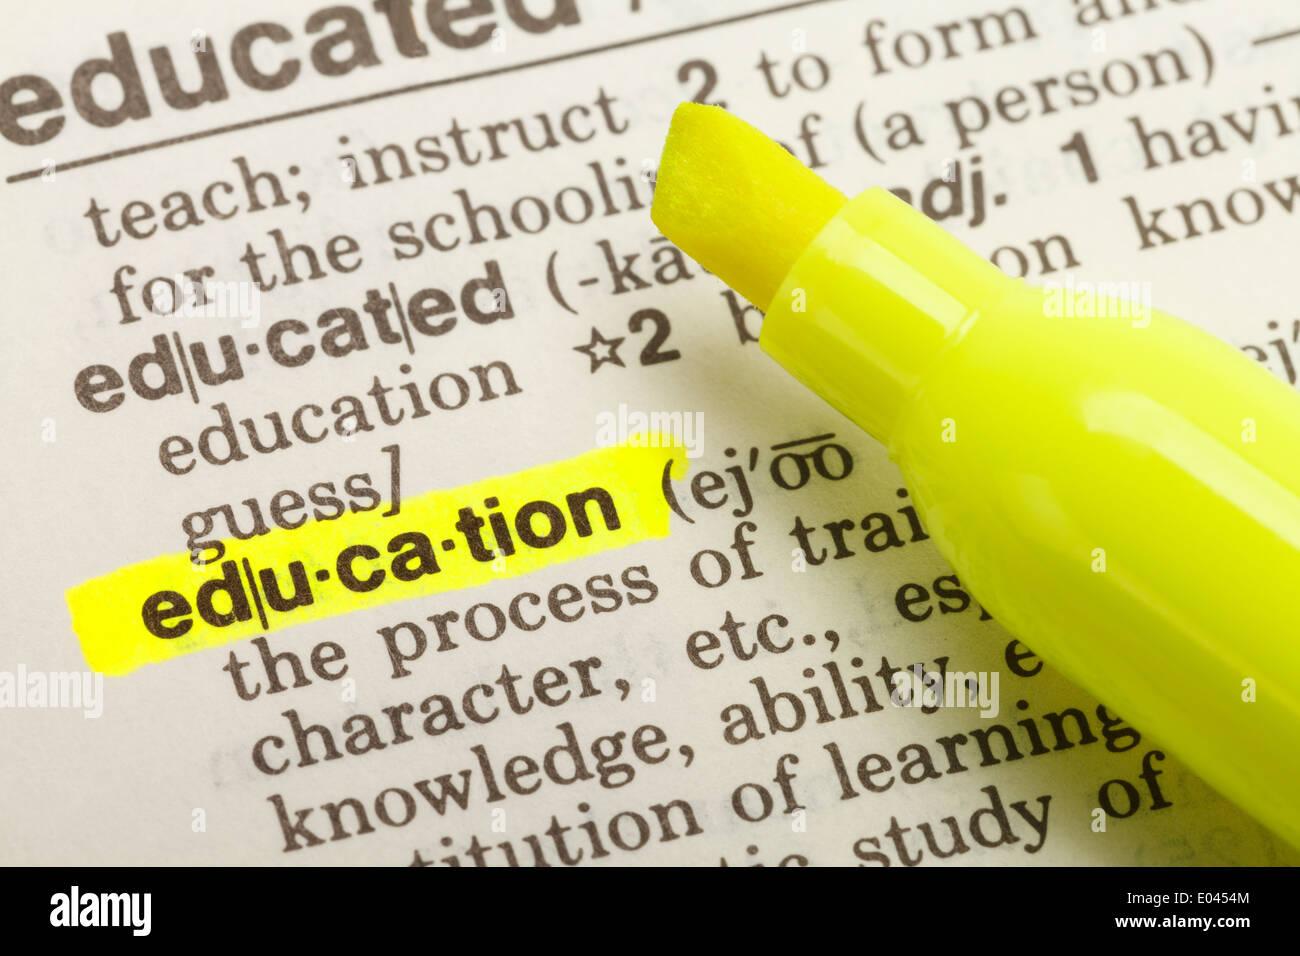 La parola istruzione evidenziata nel dizionario con marcatore giallo evidenziatore. Immagini Stock